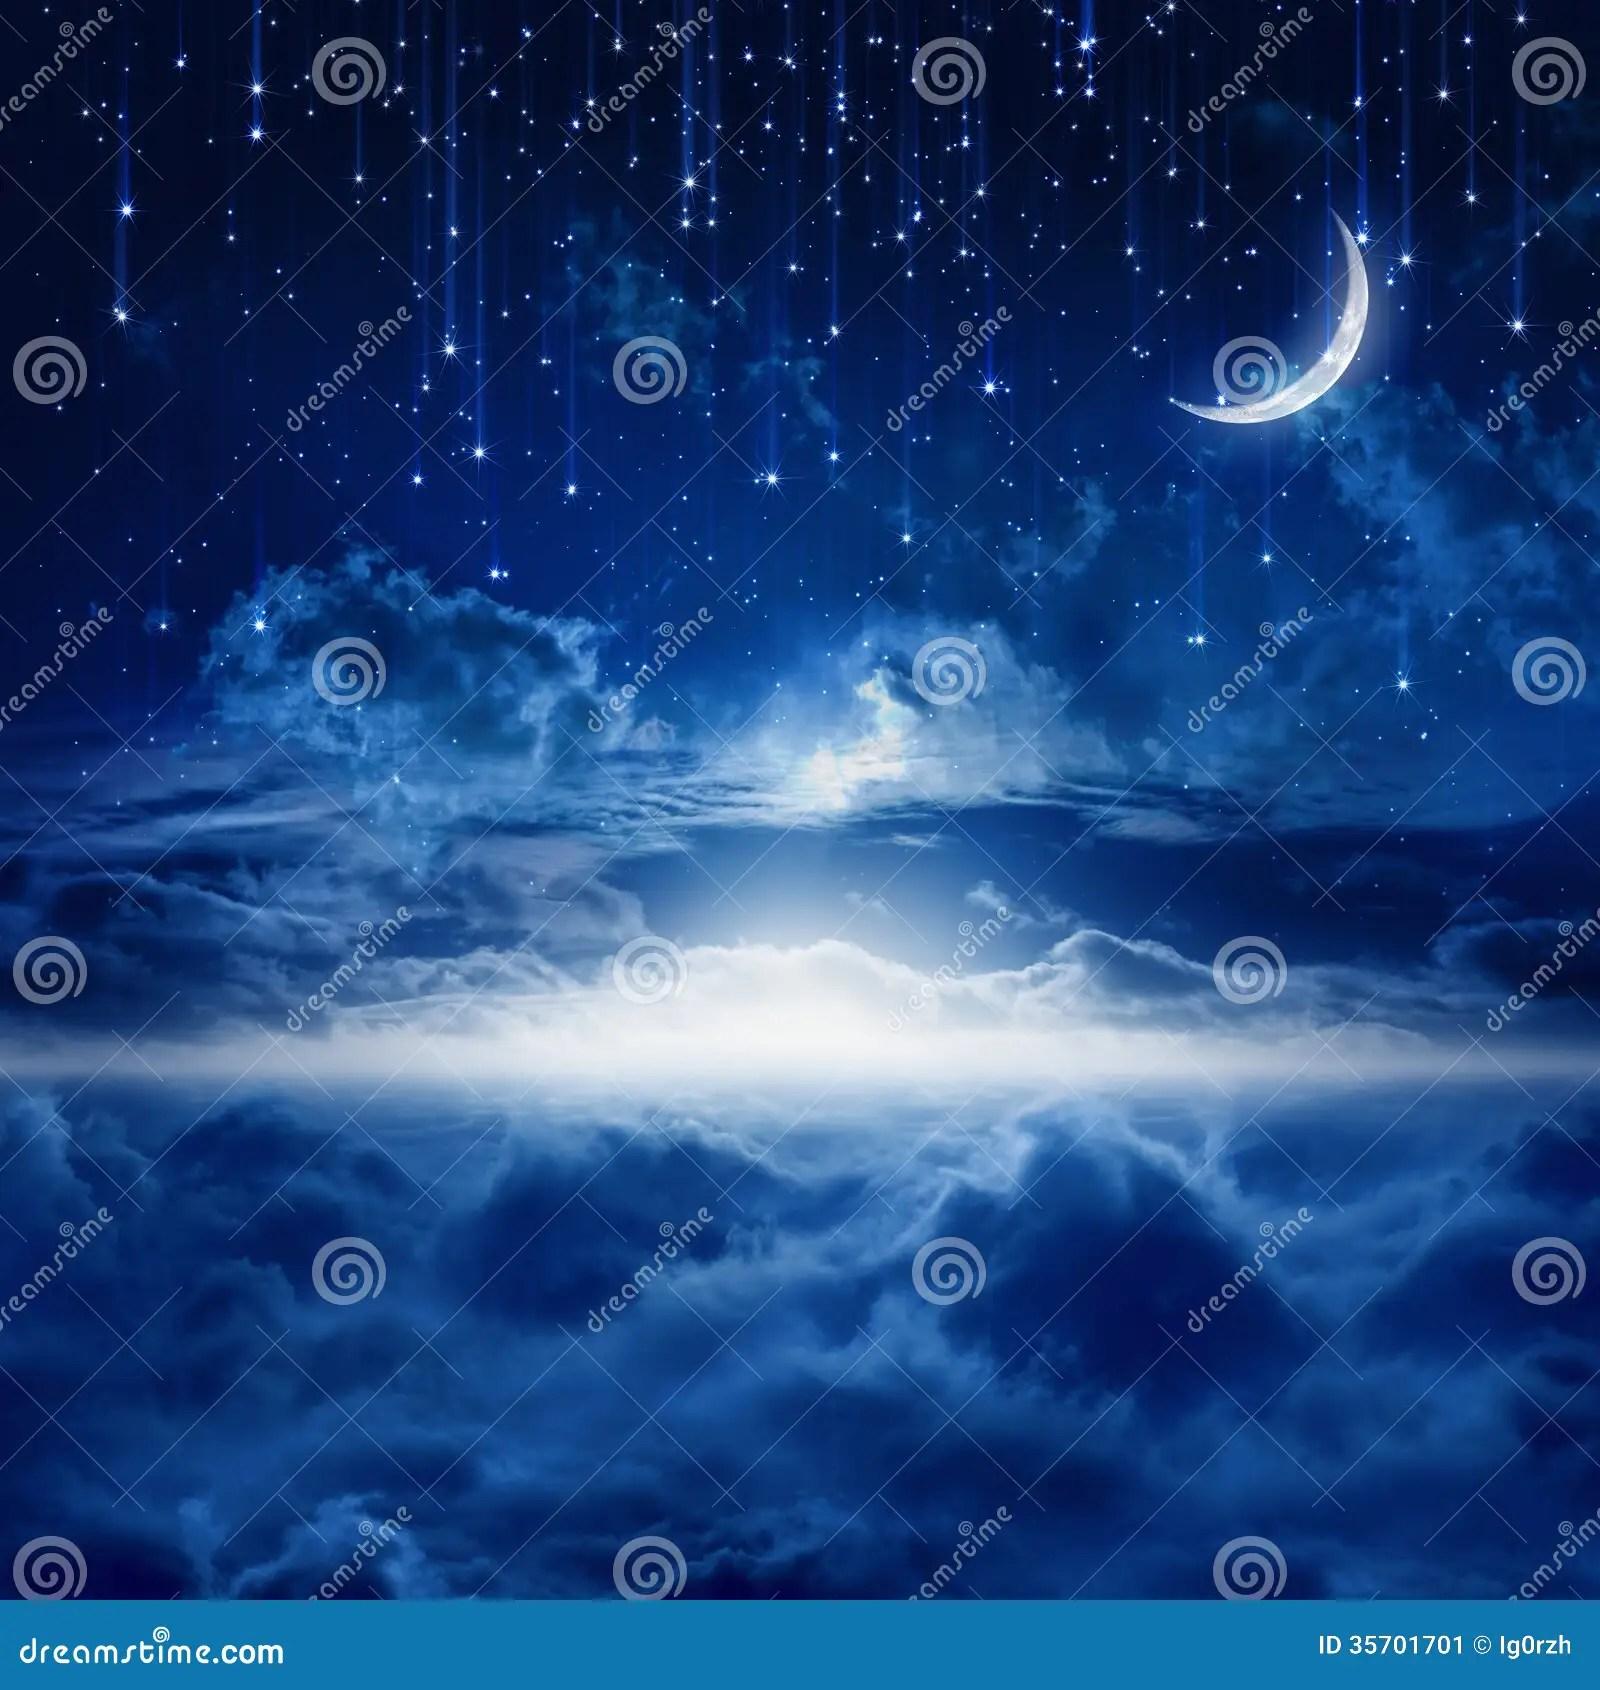 Good Evening 3d Wallpaper Beautiful Night Sky Stock Image Image 35701701